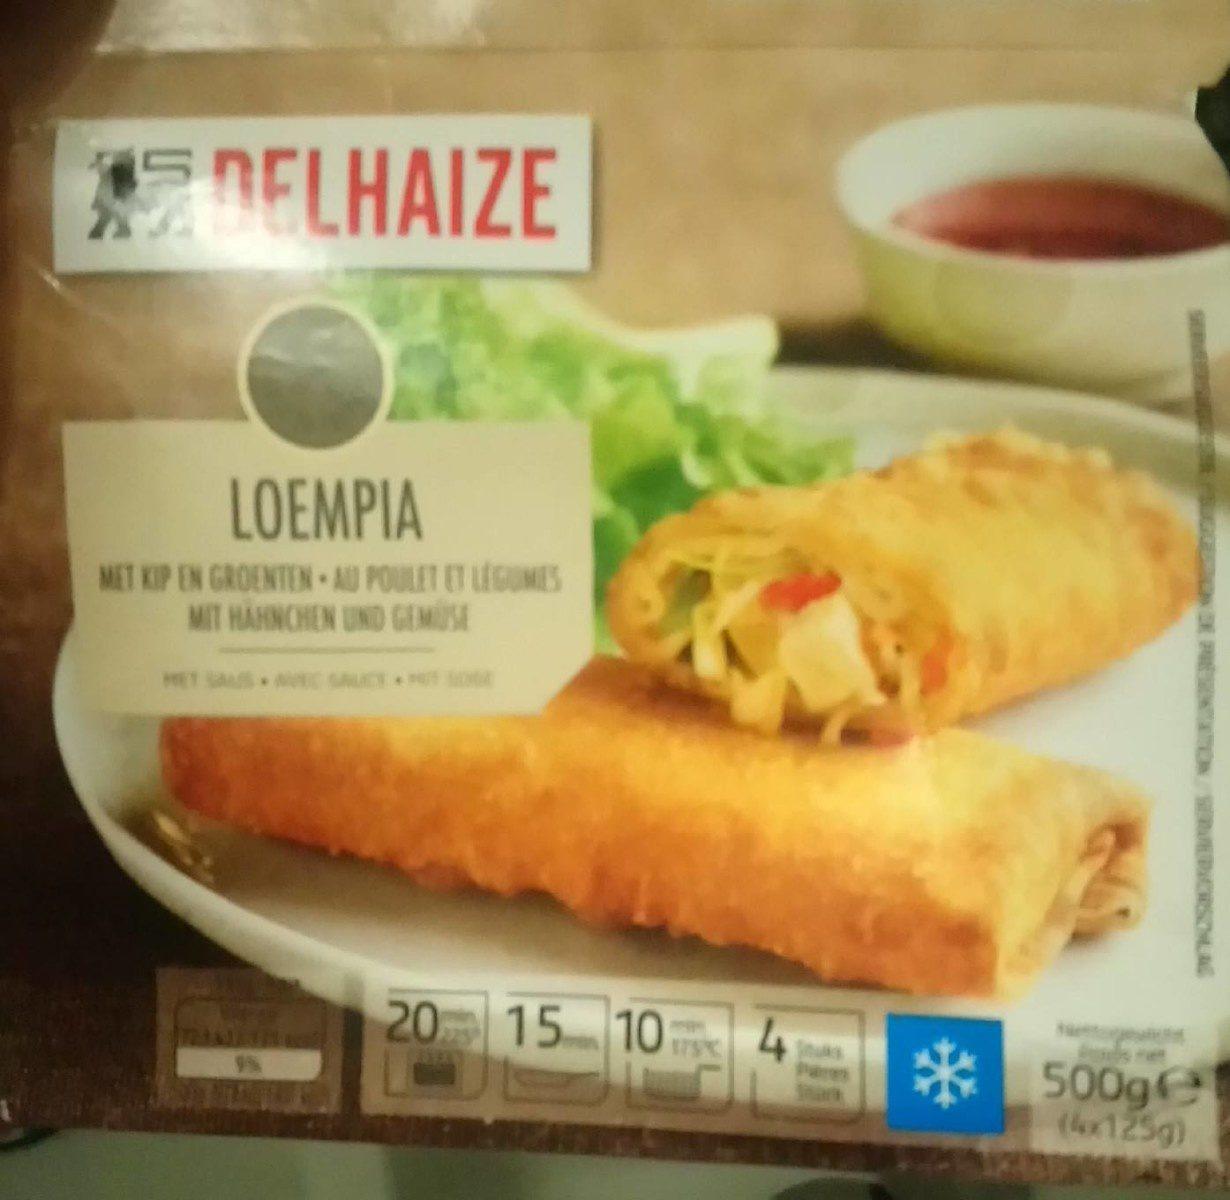 Loempia au poulet et légumes - Produit - fr